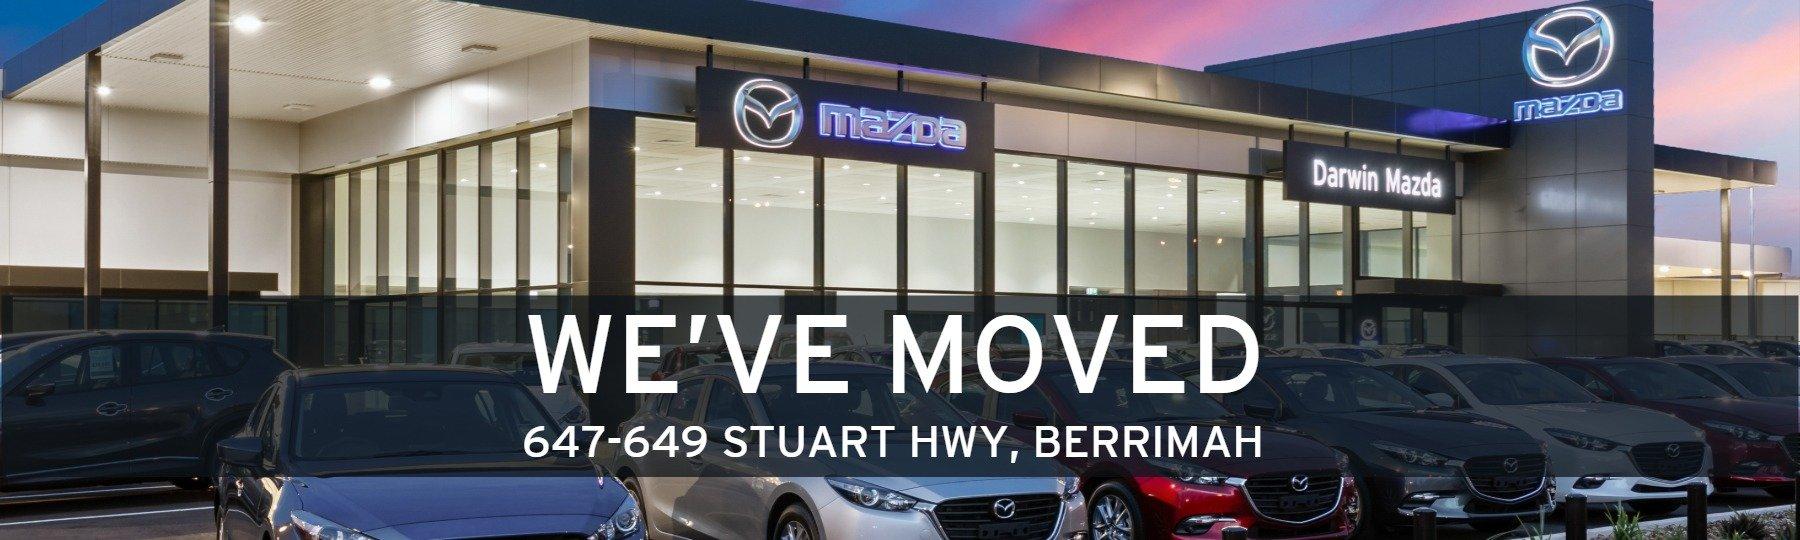 Darwin Mazda - We Have Moved!